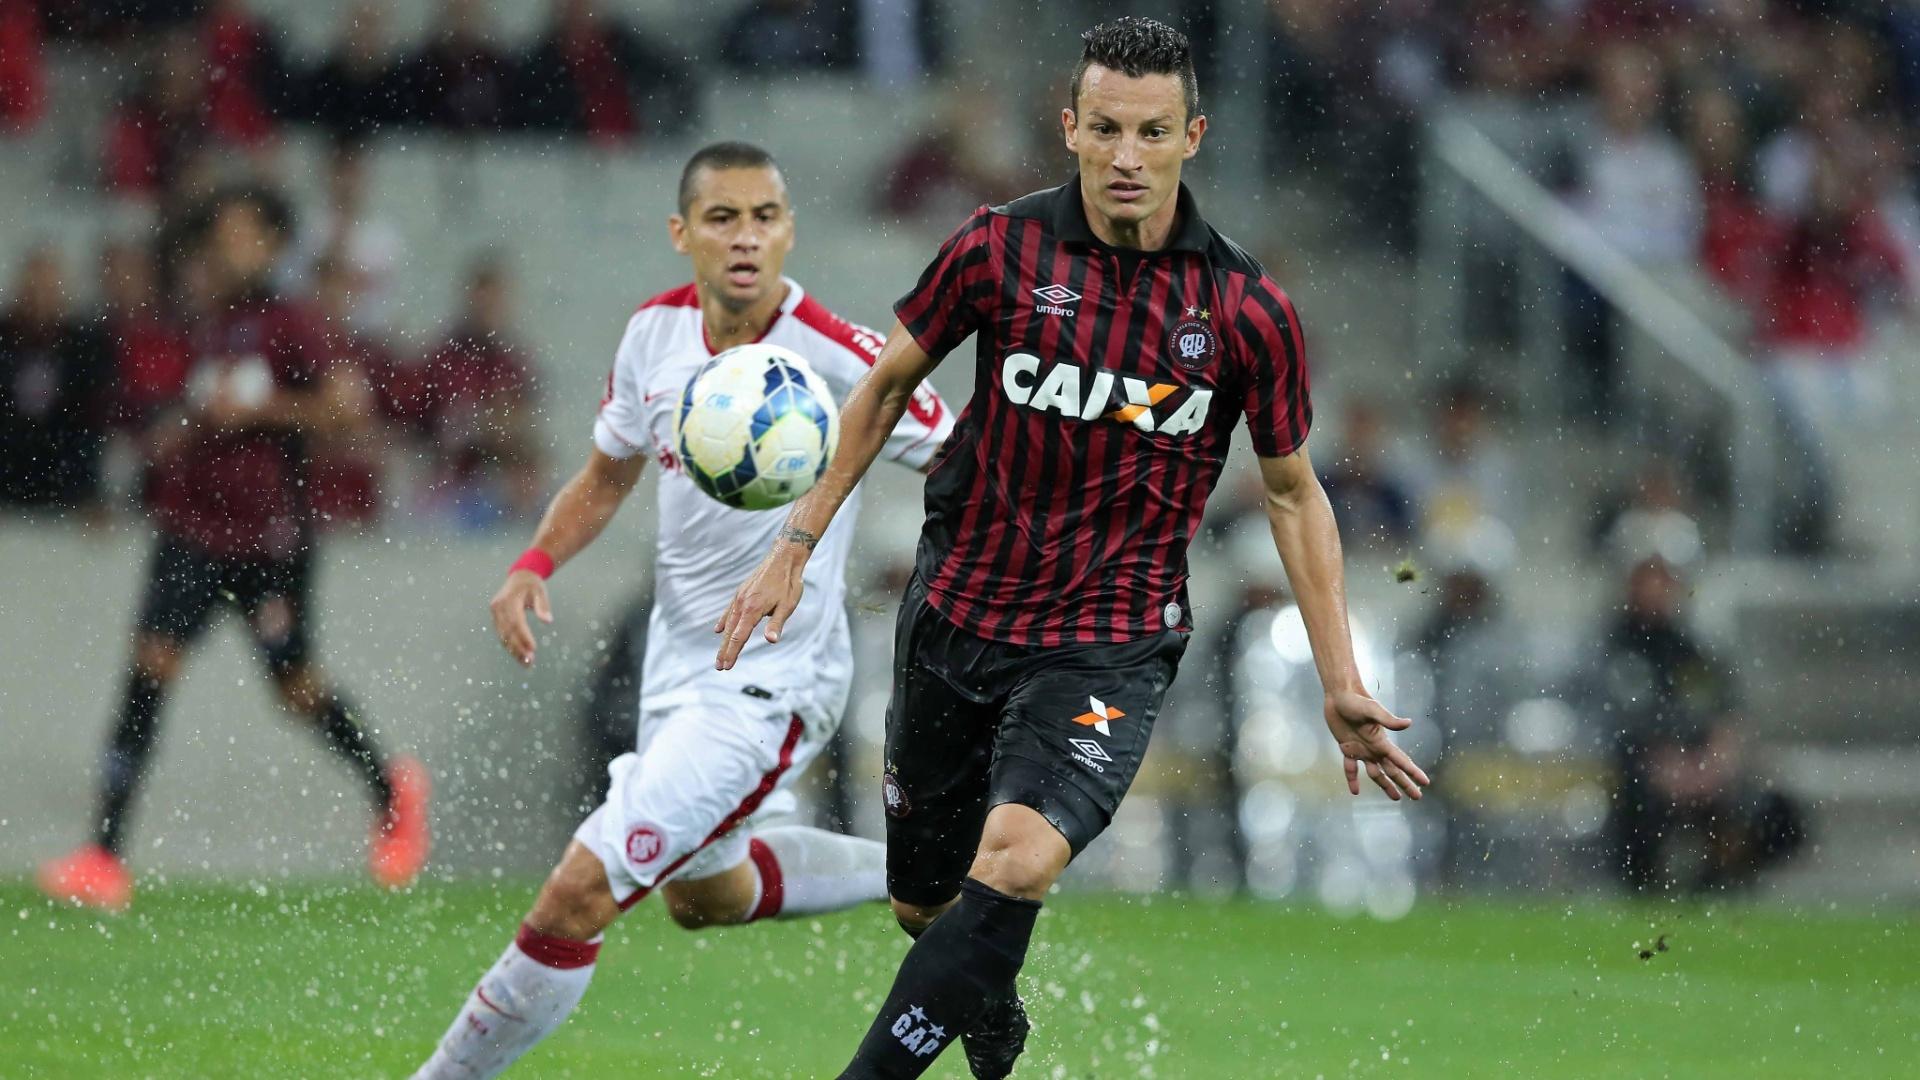 Gustavo, zagueiro do Atlético-PR, protege a bola da marcação